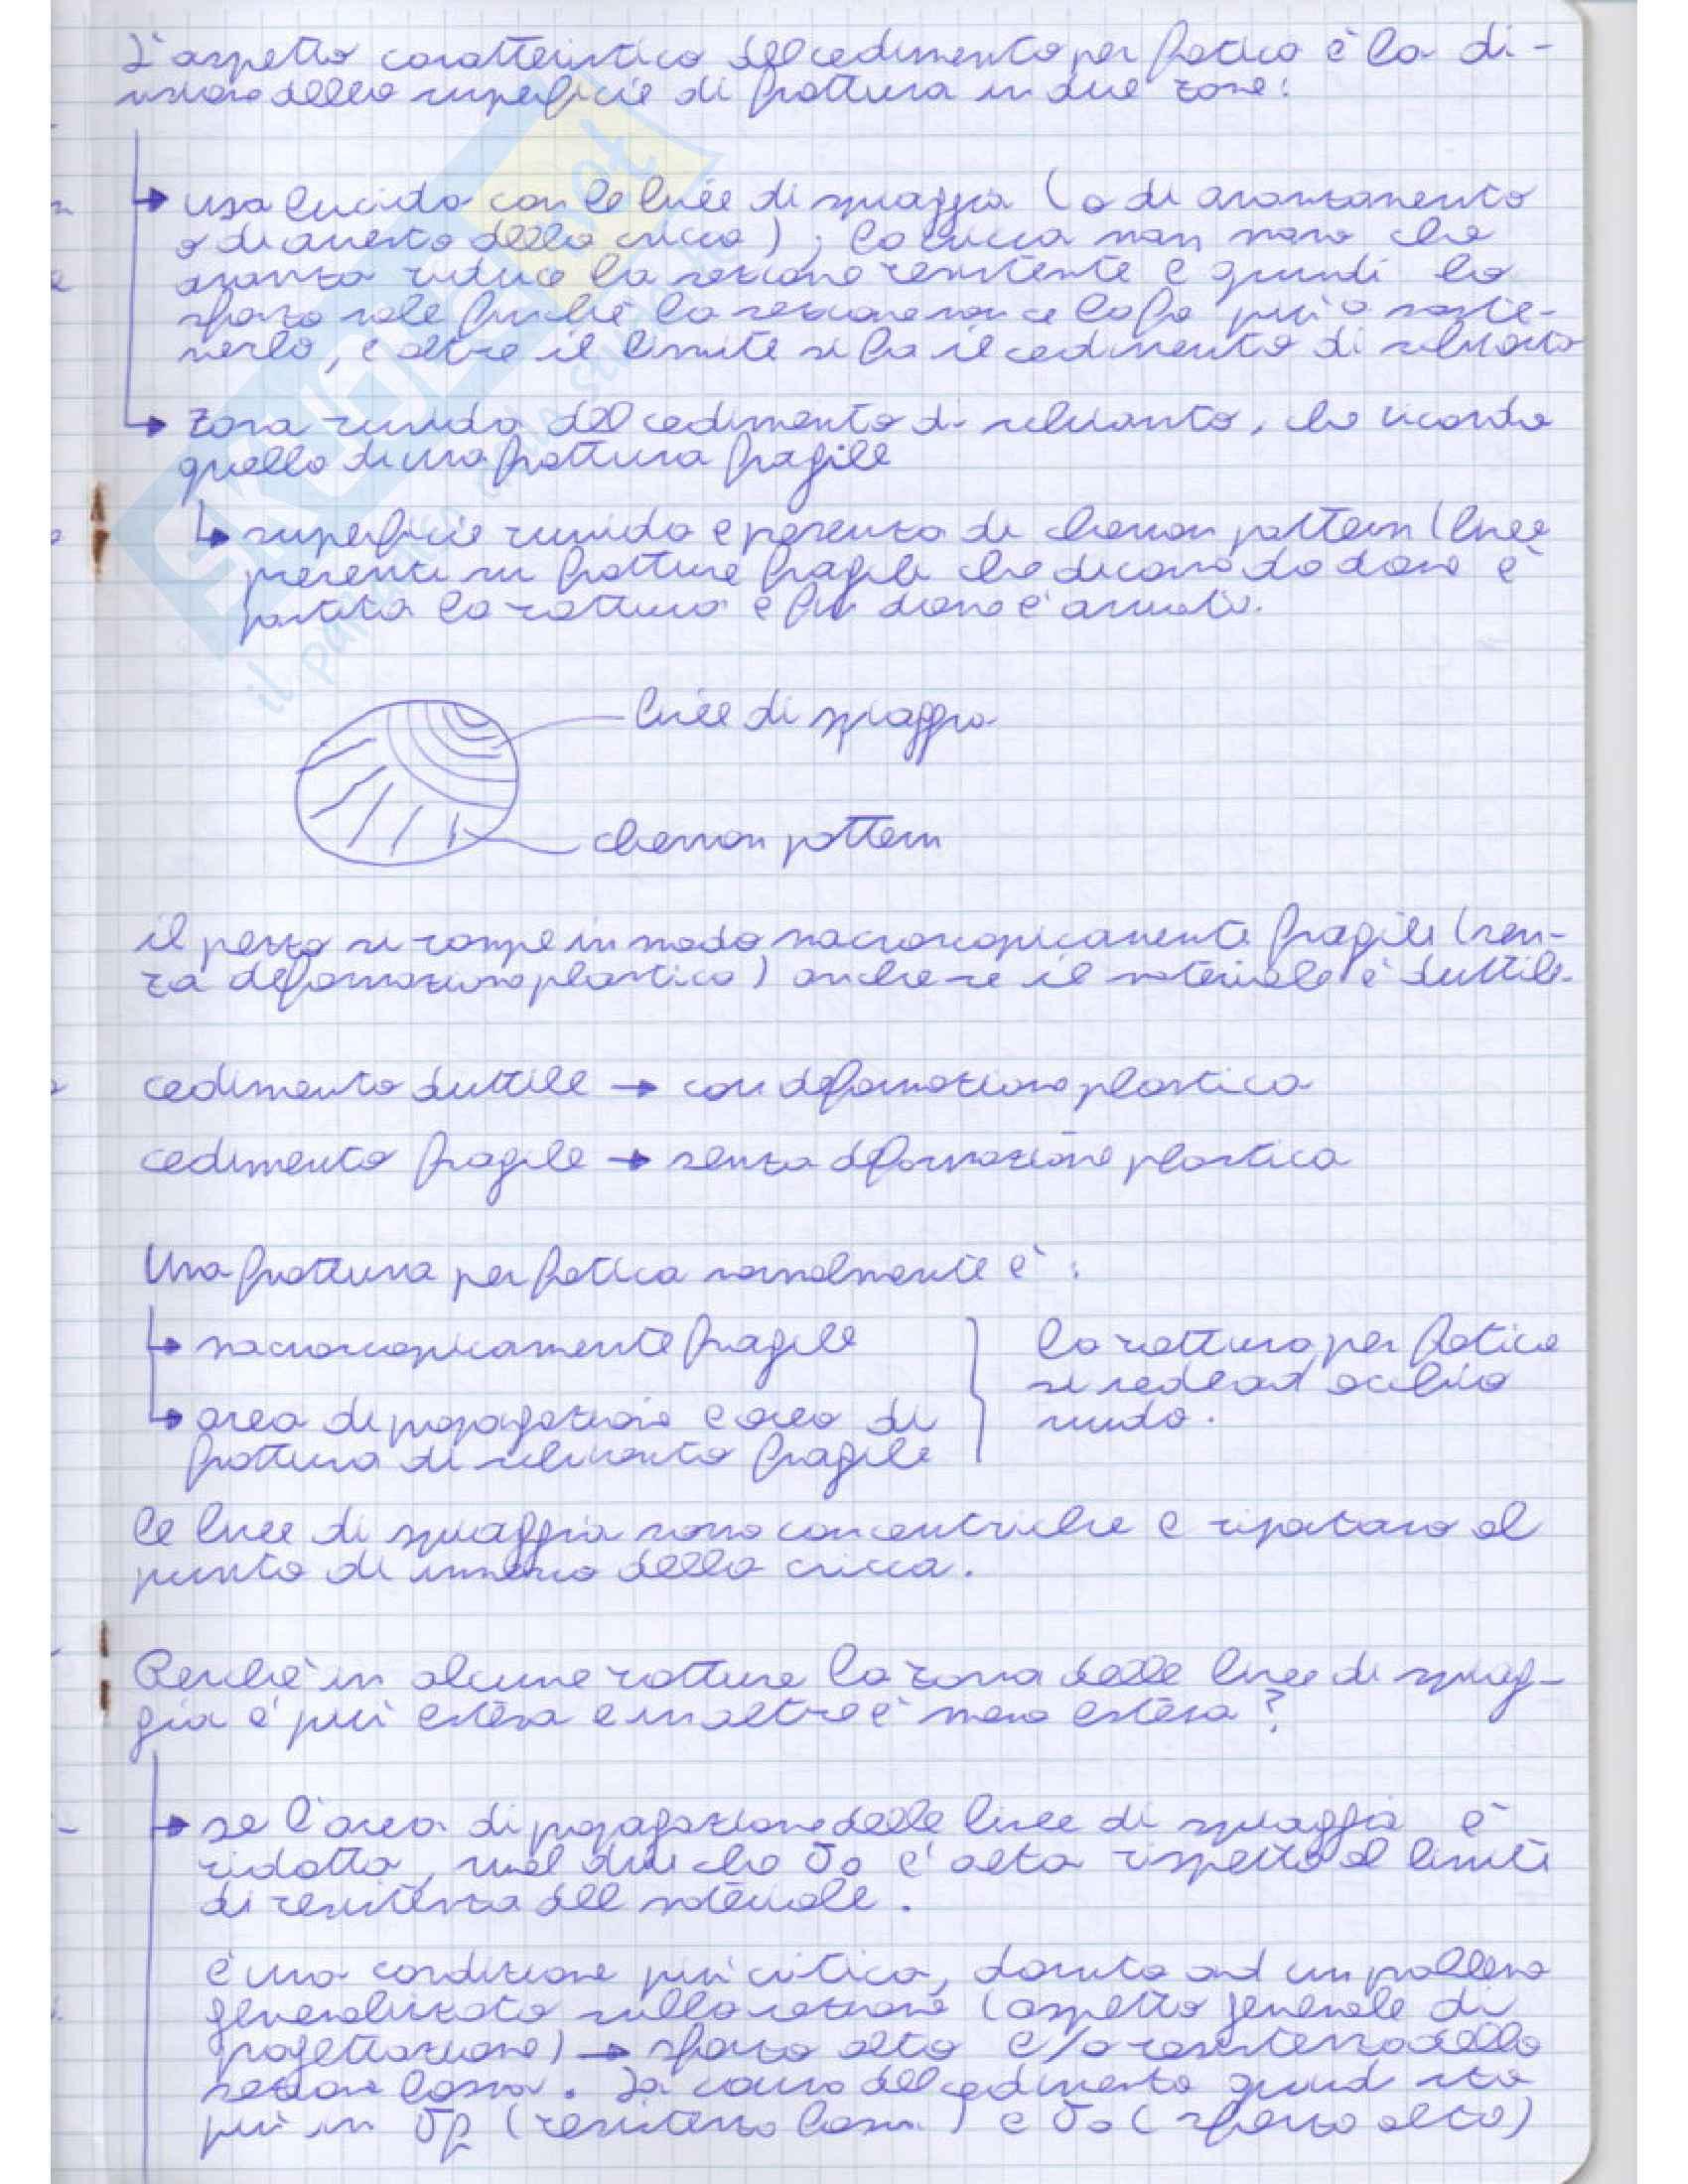 Metalli e leghe per applicazioni avanzate - Appunti Pag. 41